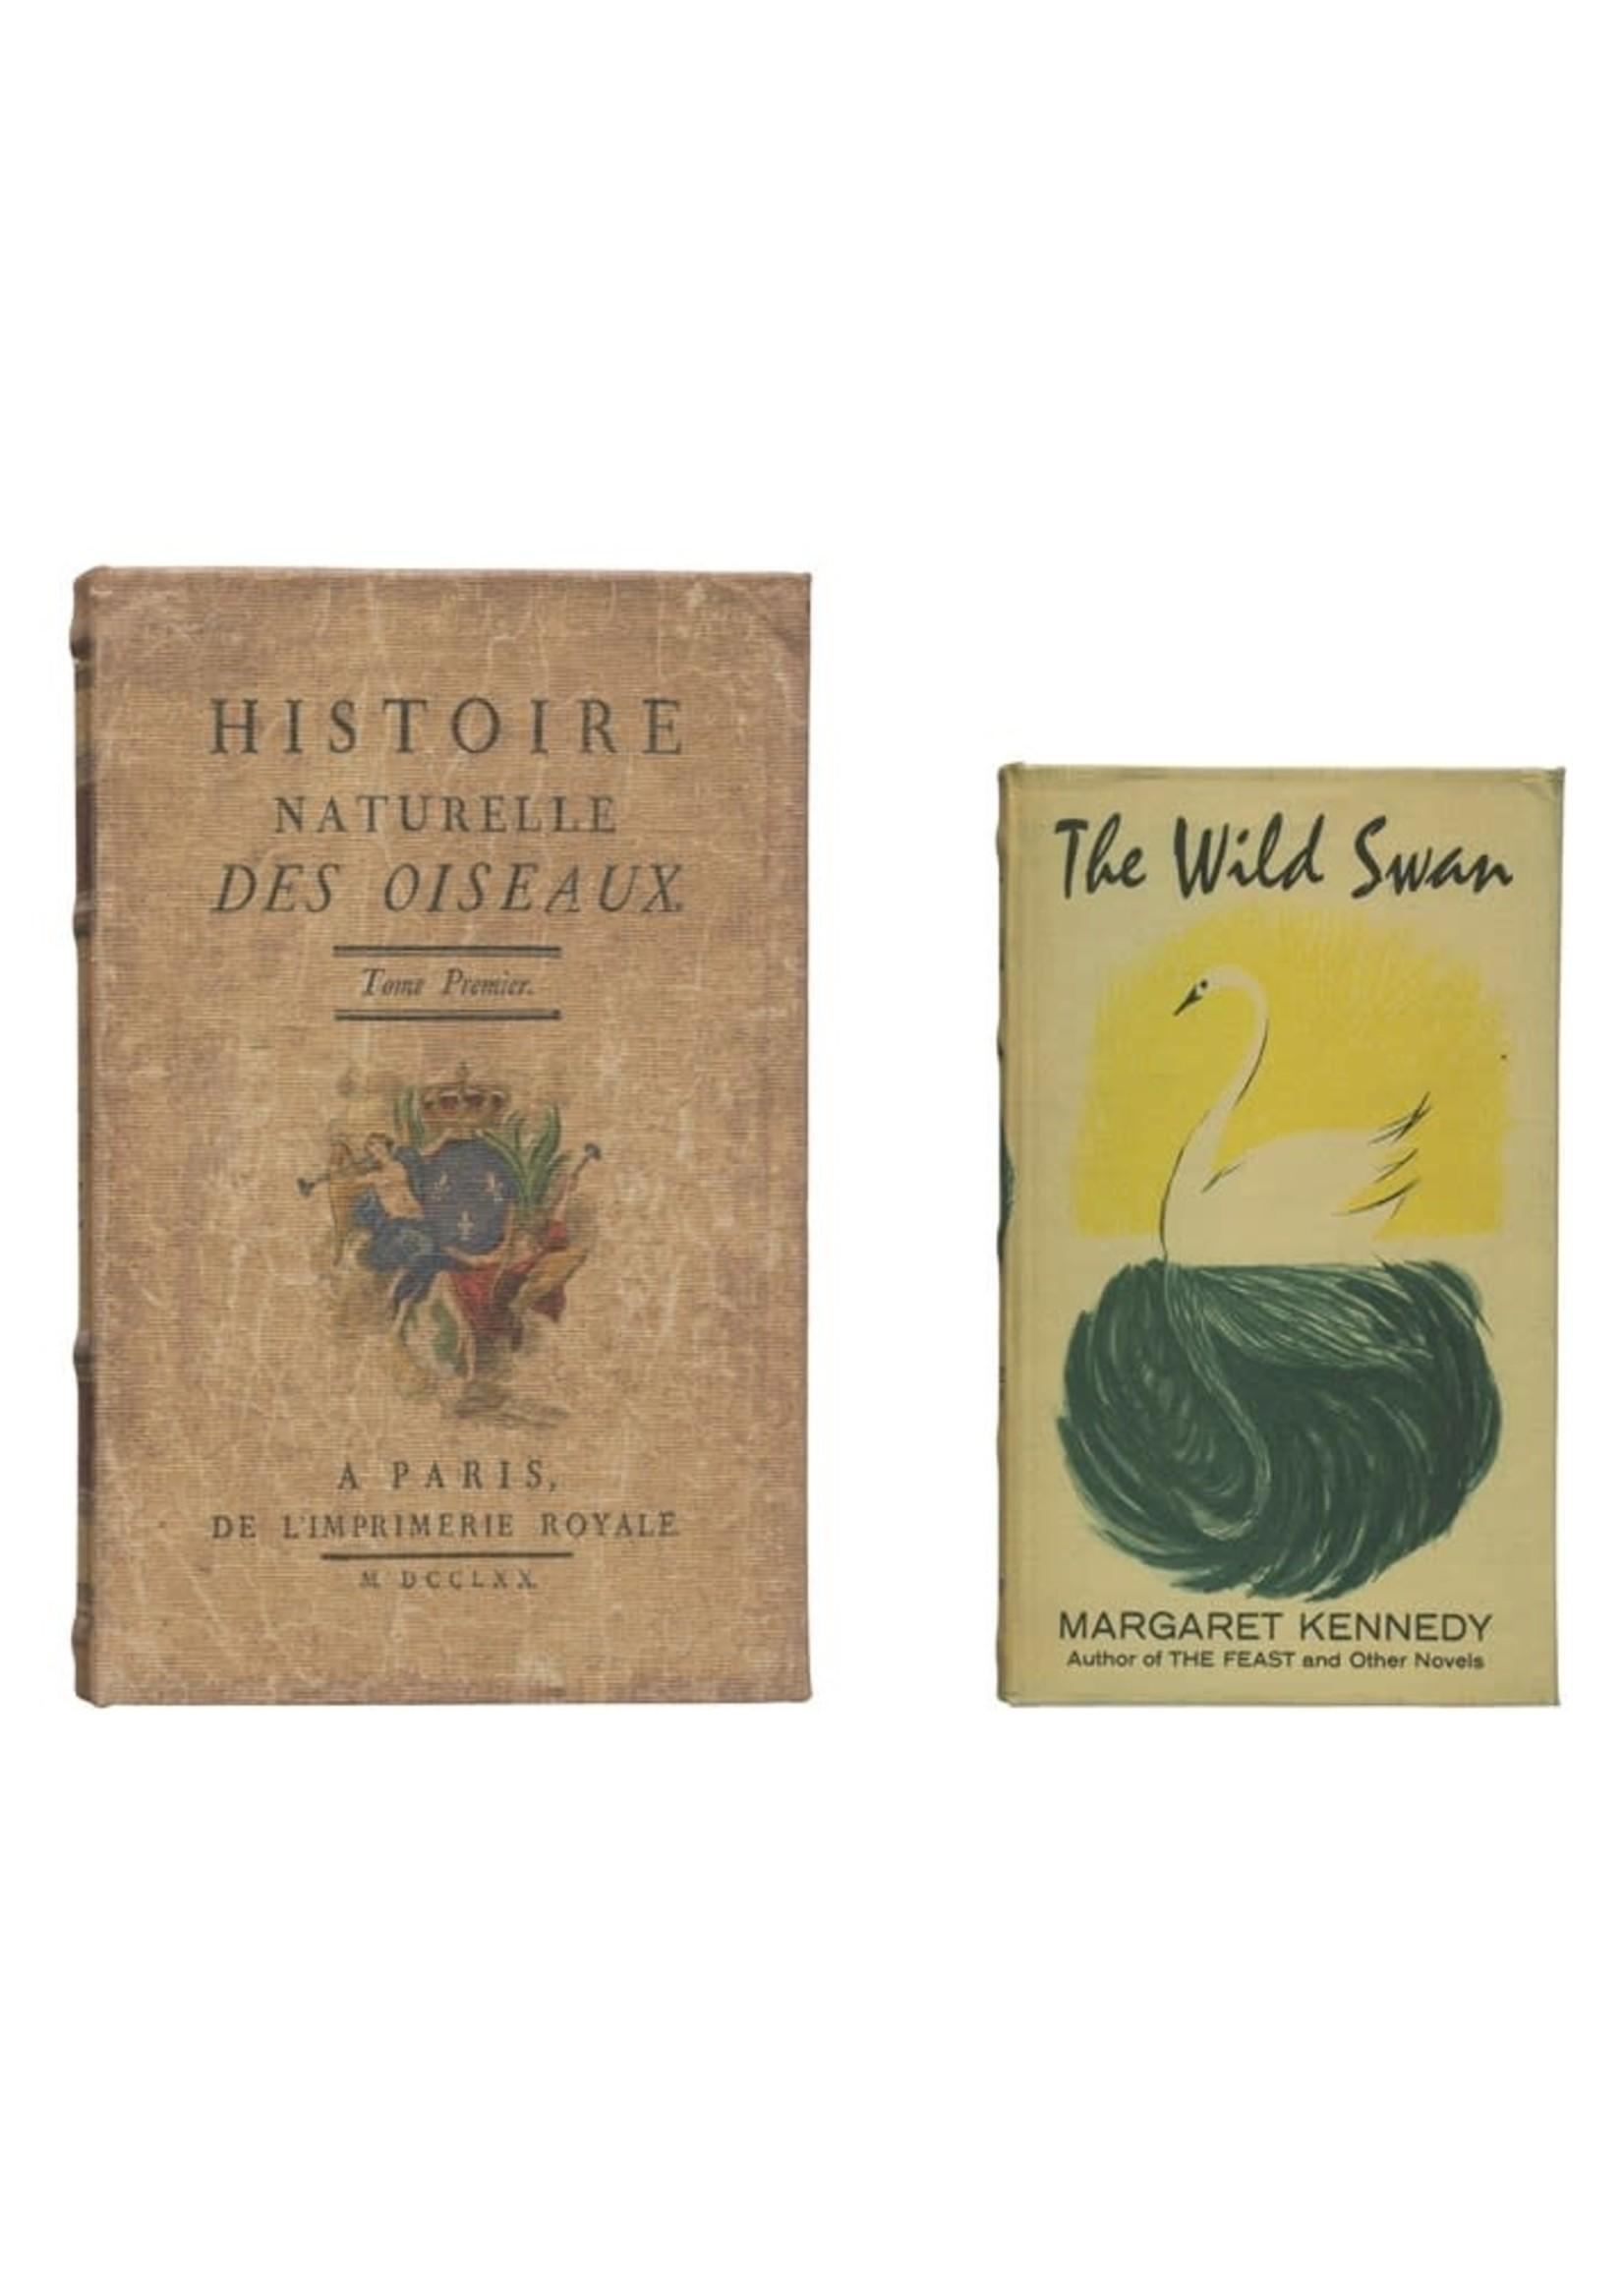 """10-1/4""""L x 6-3/4""""W Book Storage Boxes, Set of 2 """"Histoire Naturelle?"""""""